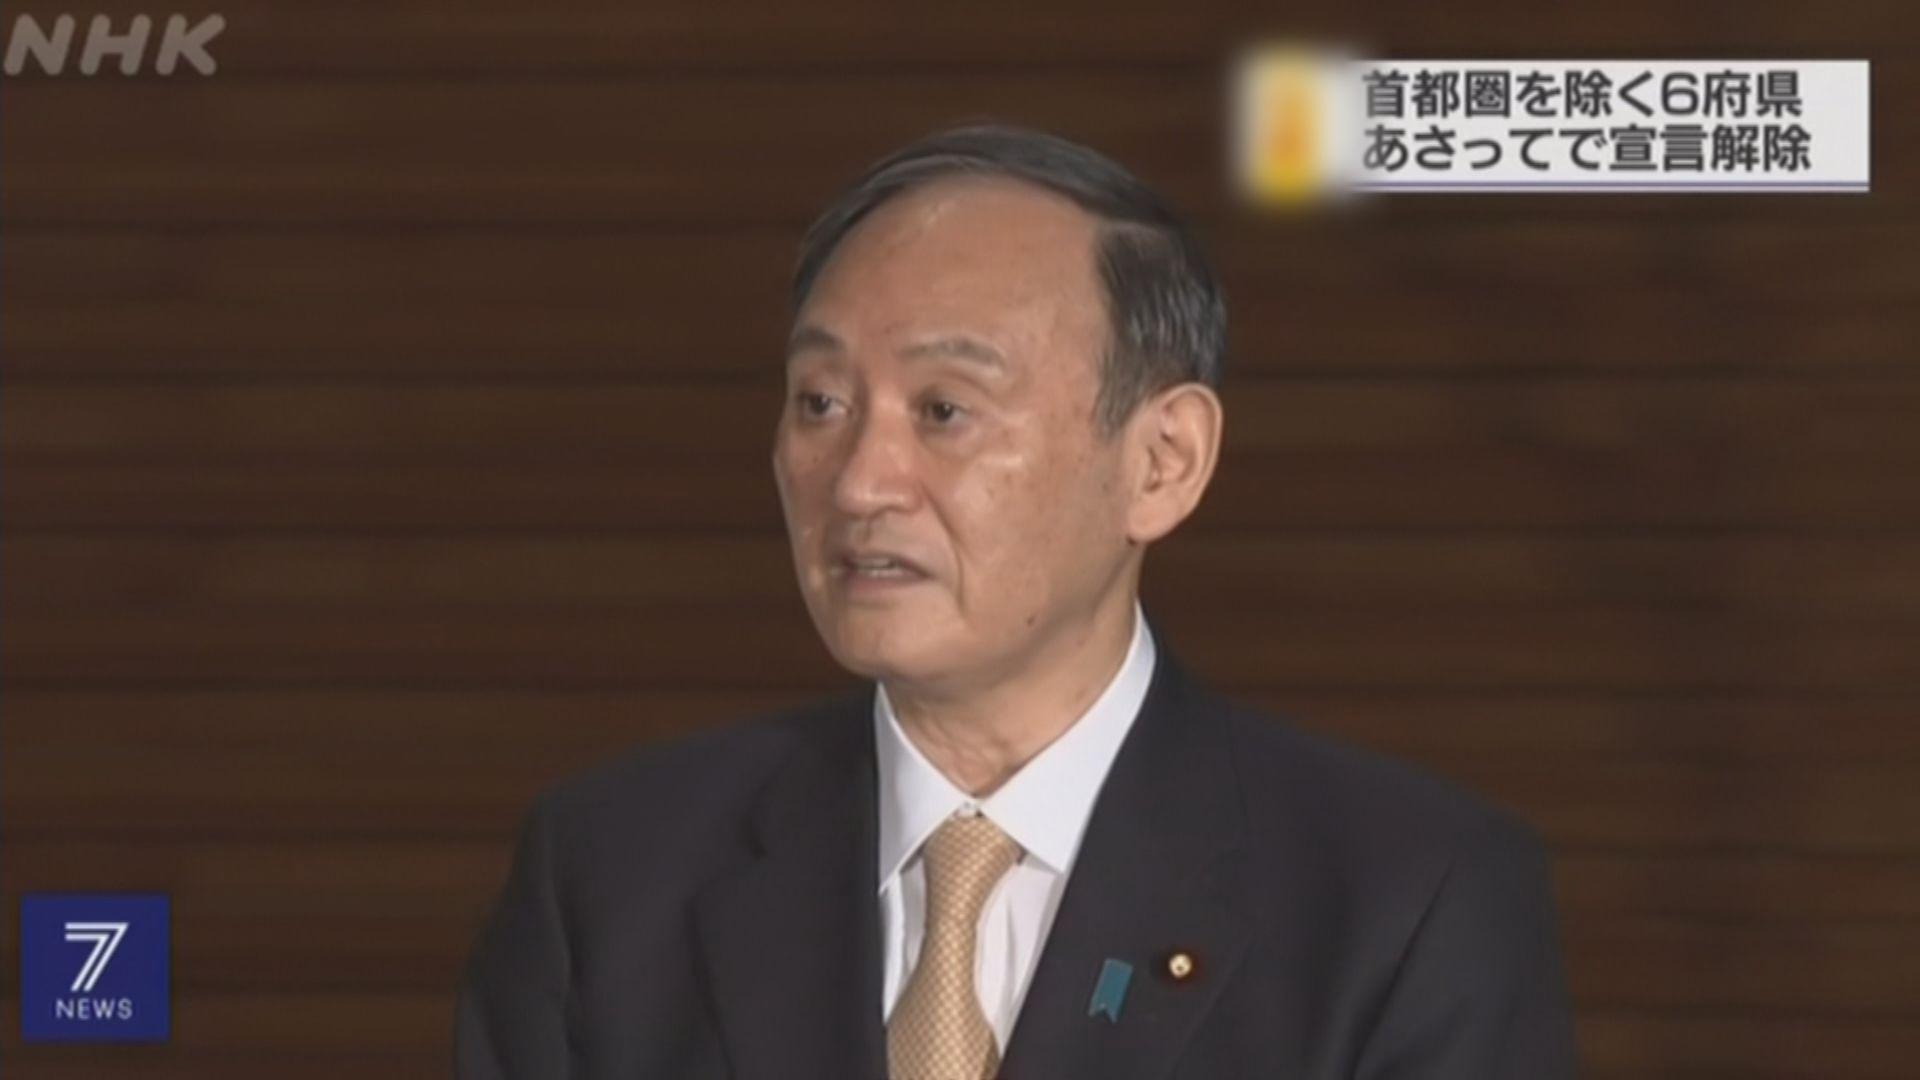 日本新冠疫情緩和 六個府縣提早解除緊急事態宣言